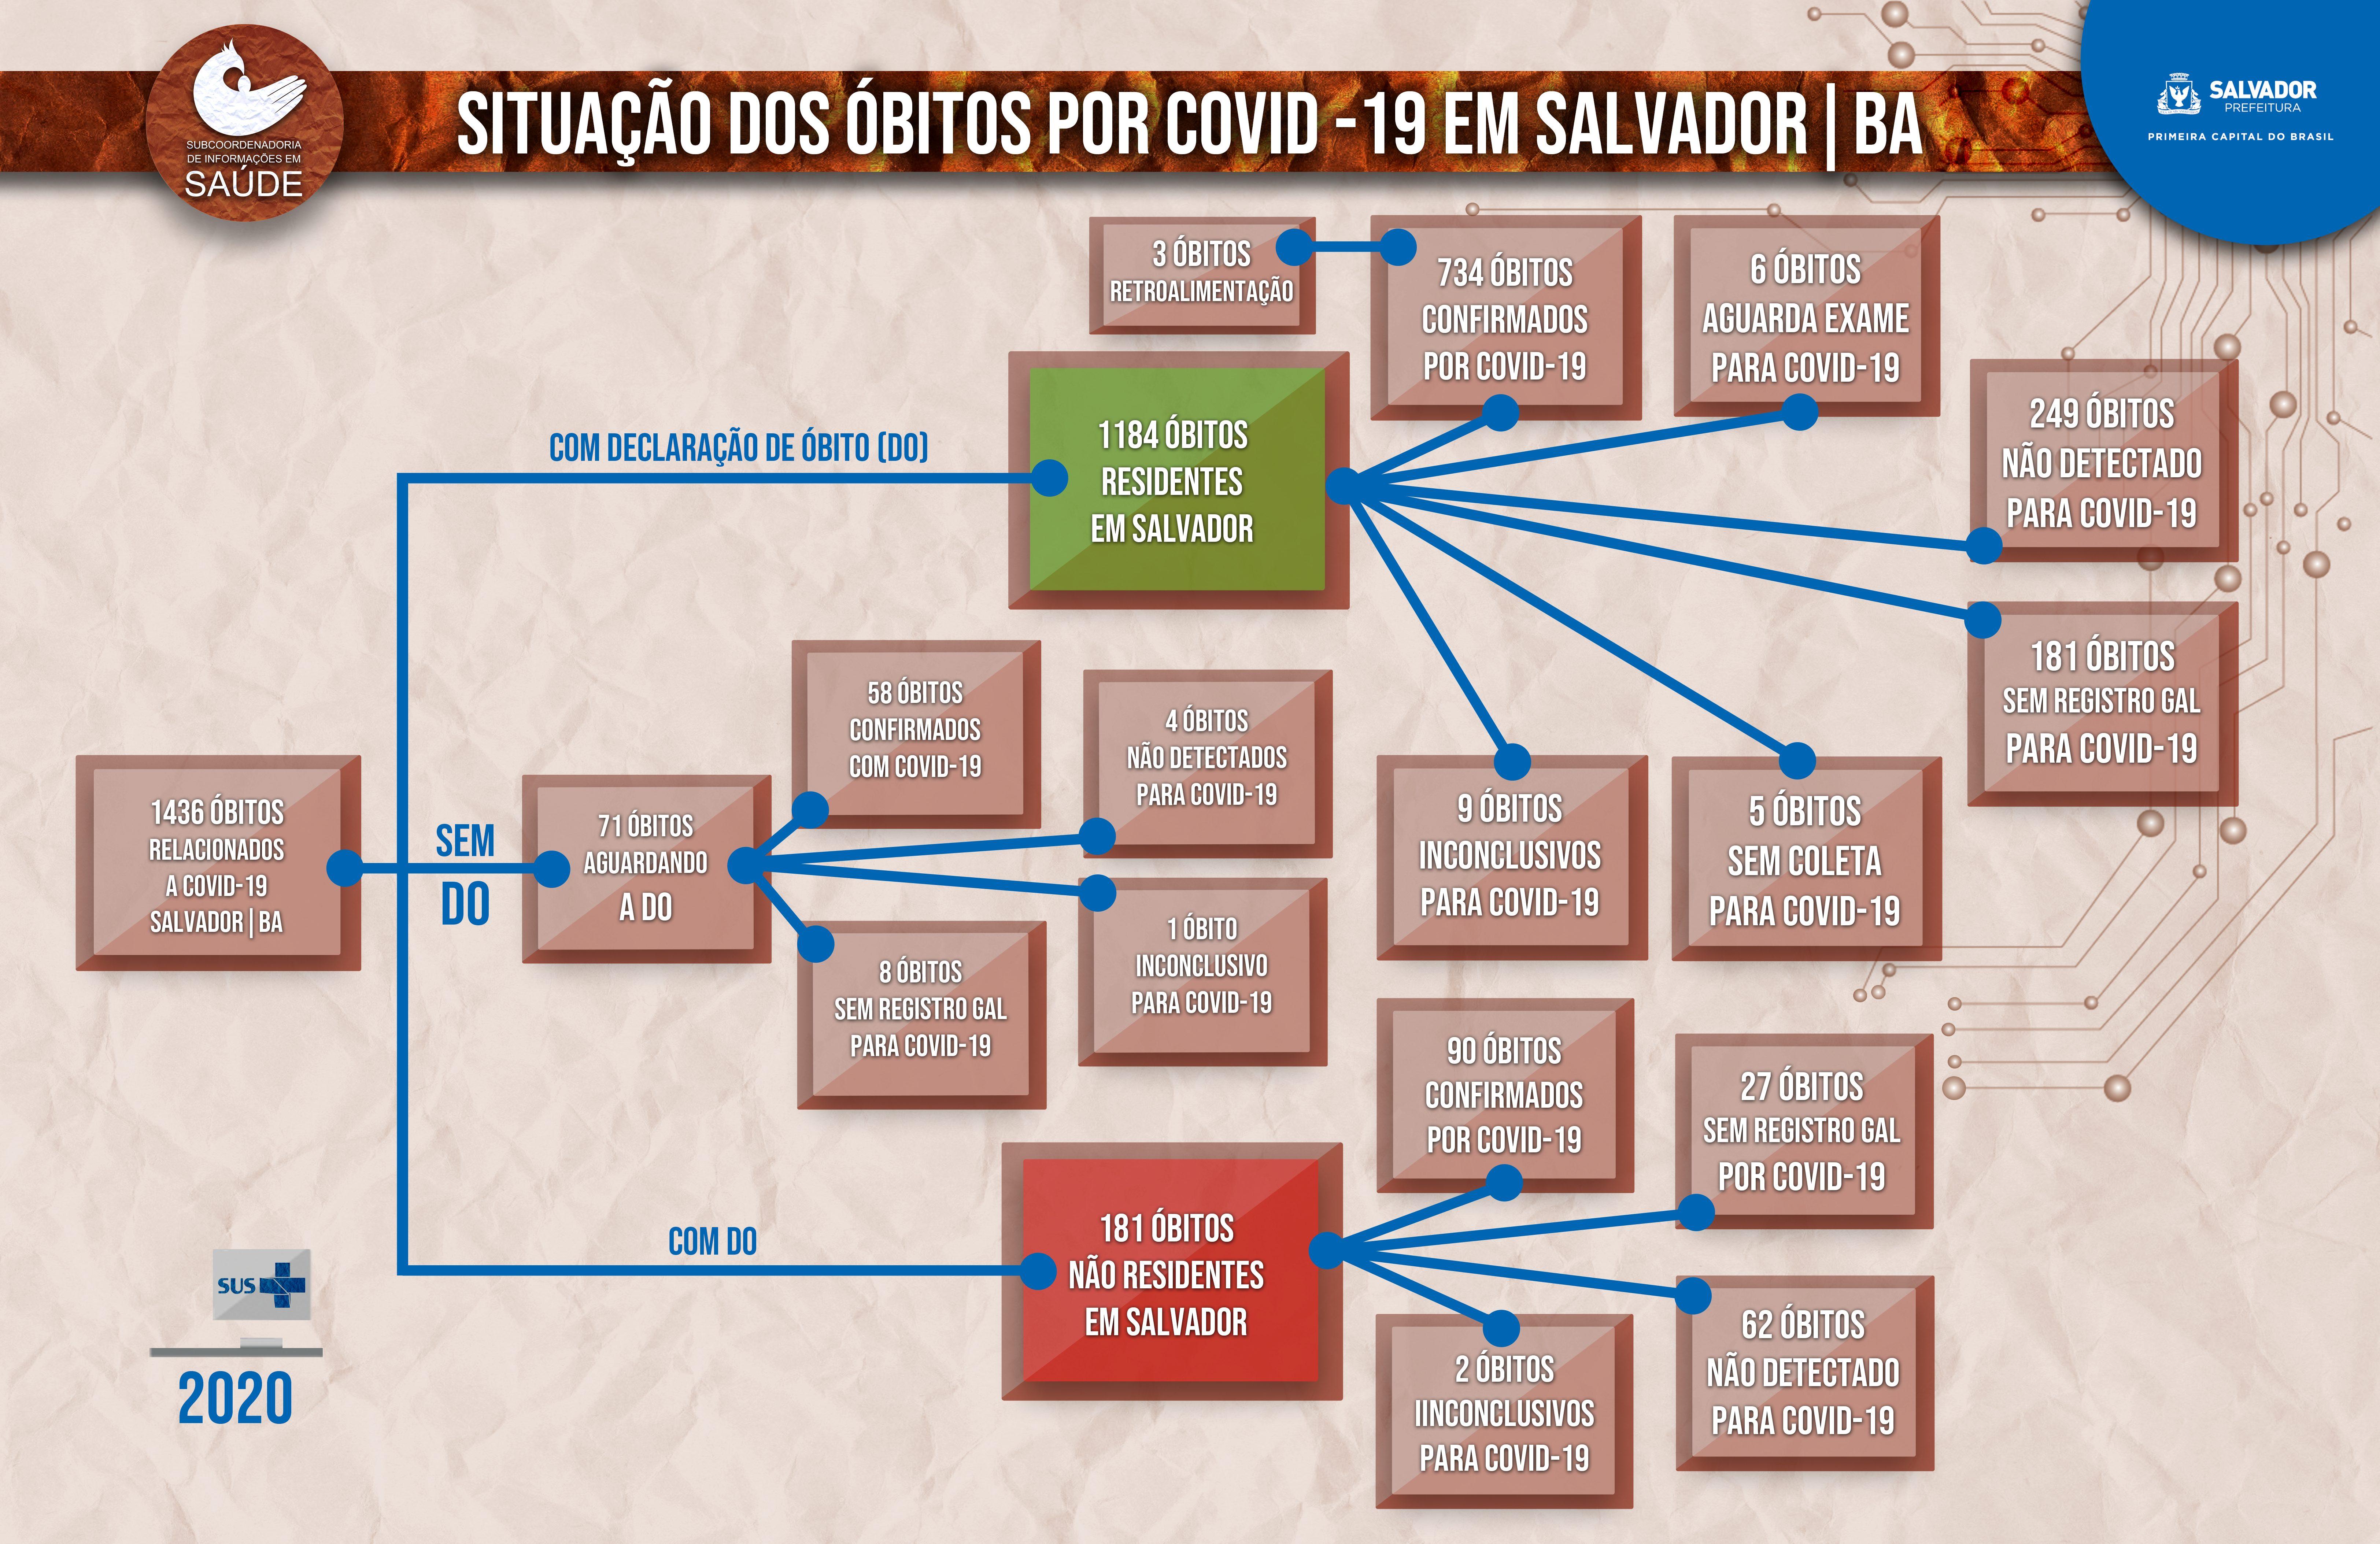 Vigilância do Óbito no Contexto da Pandemia de Covid-19 em Salvador/BA Clique na imagem para baixar o Boletim SUIS 03